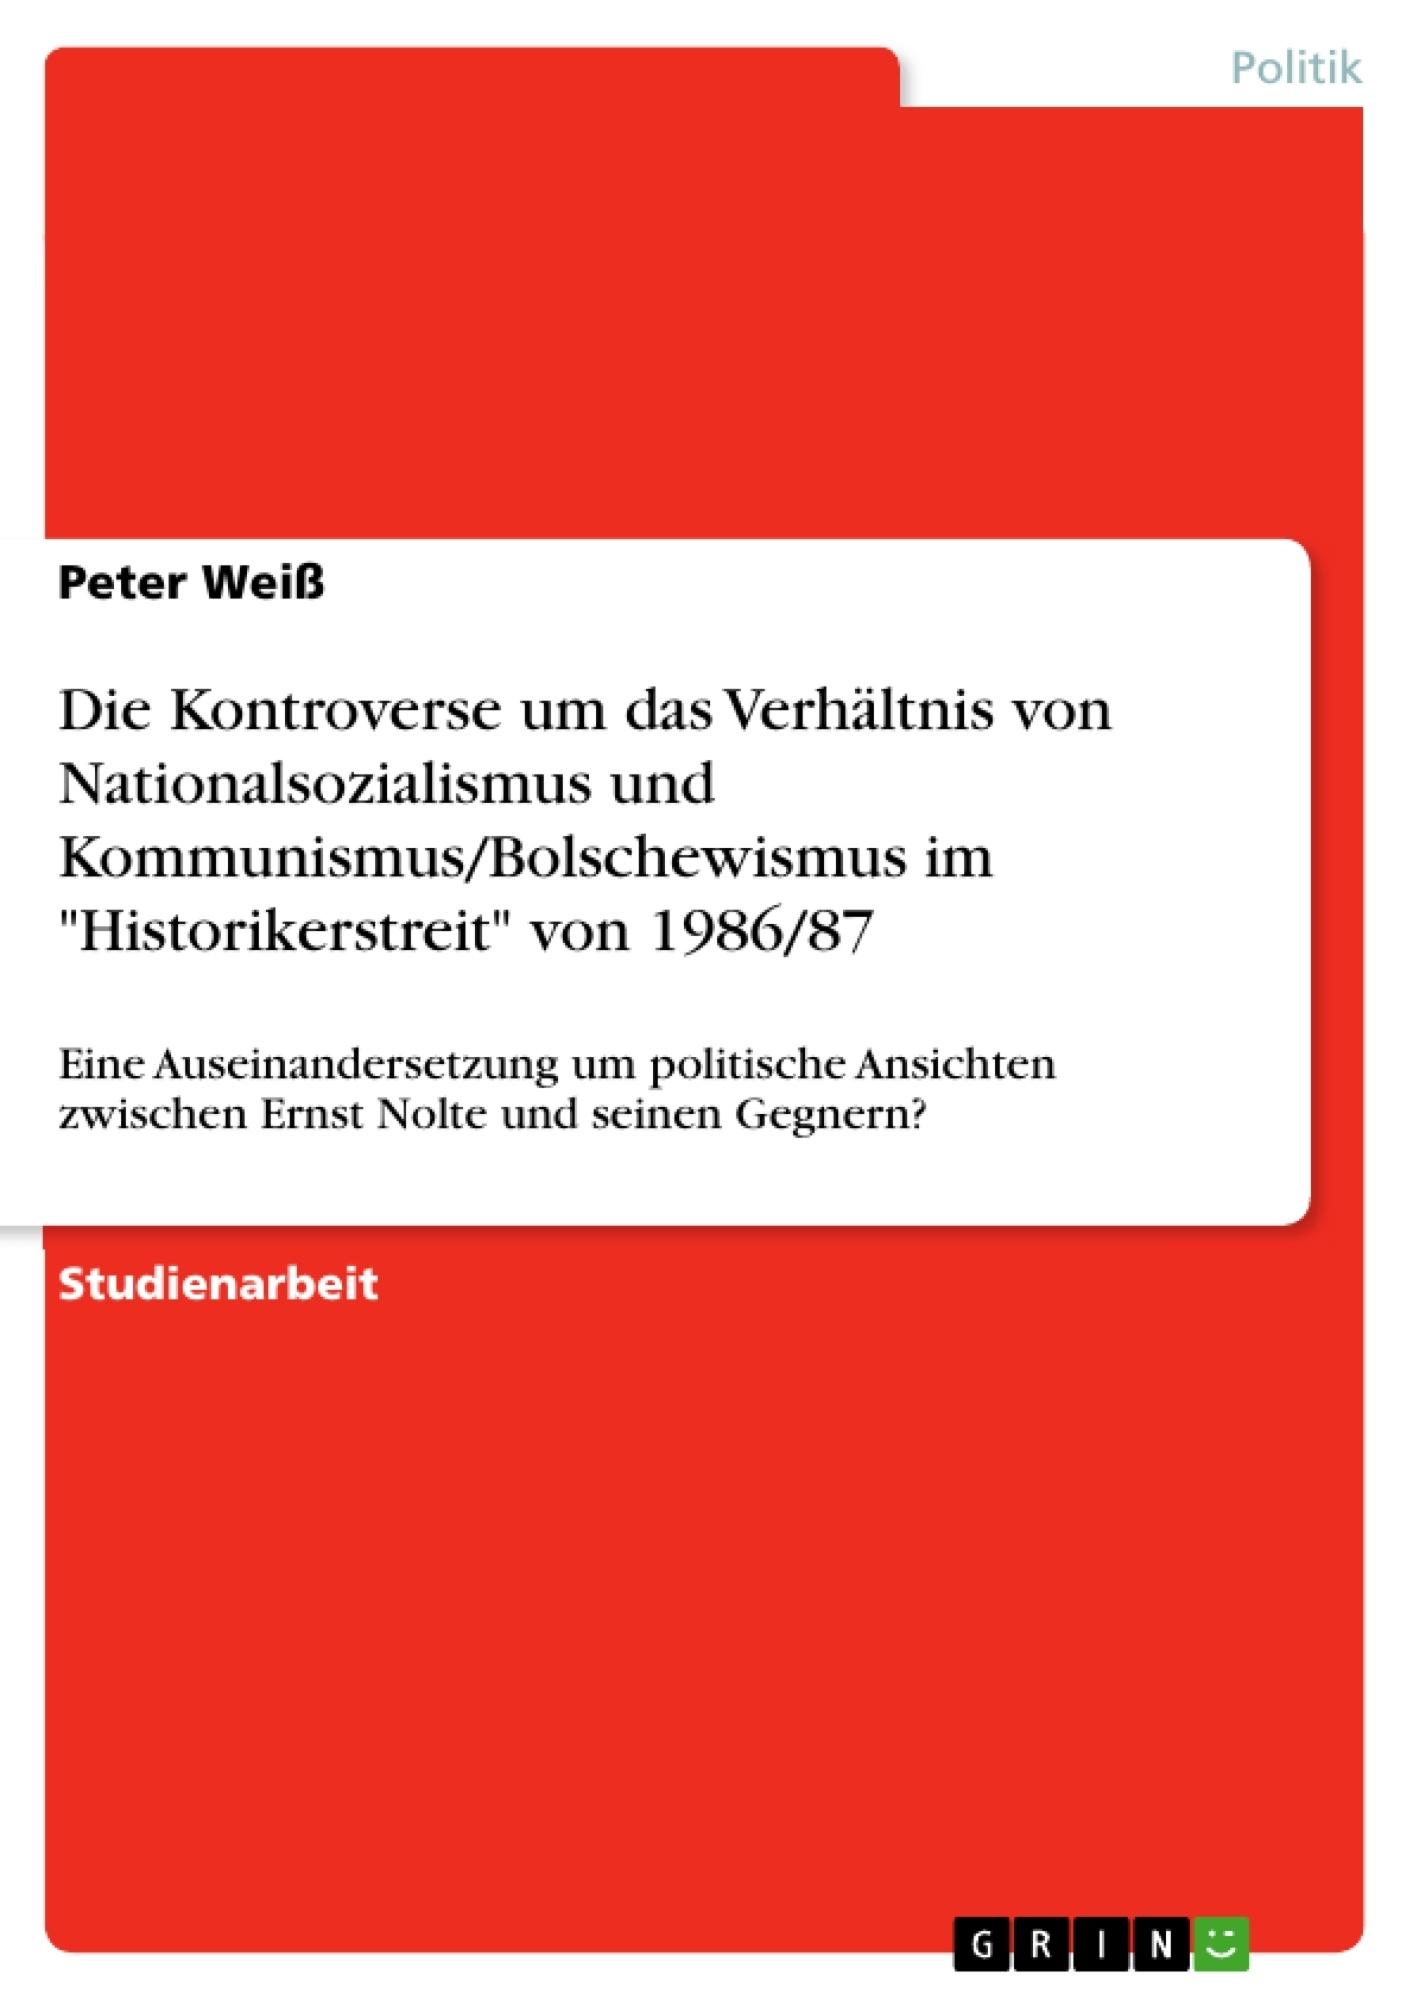 """Titel: Die Kontroverse um das Verhältnis von Nationalsozialismus und Kommunismus/Bolschewismus im """"Historikerstreit"""" von 1986/87"""